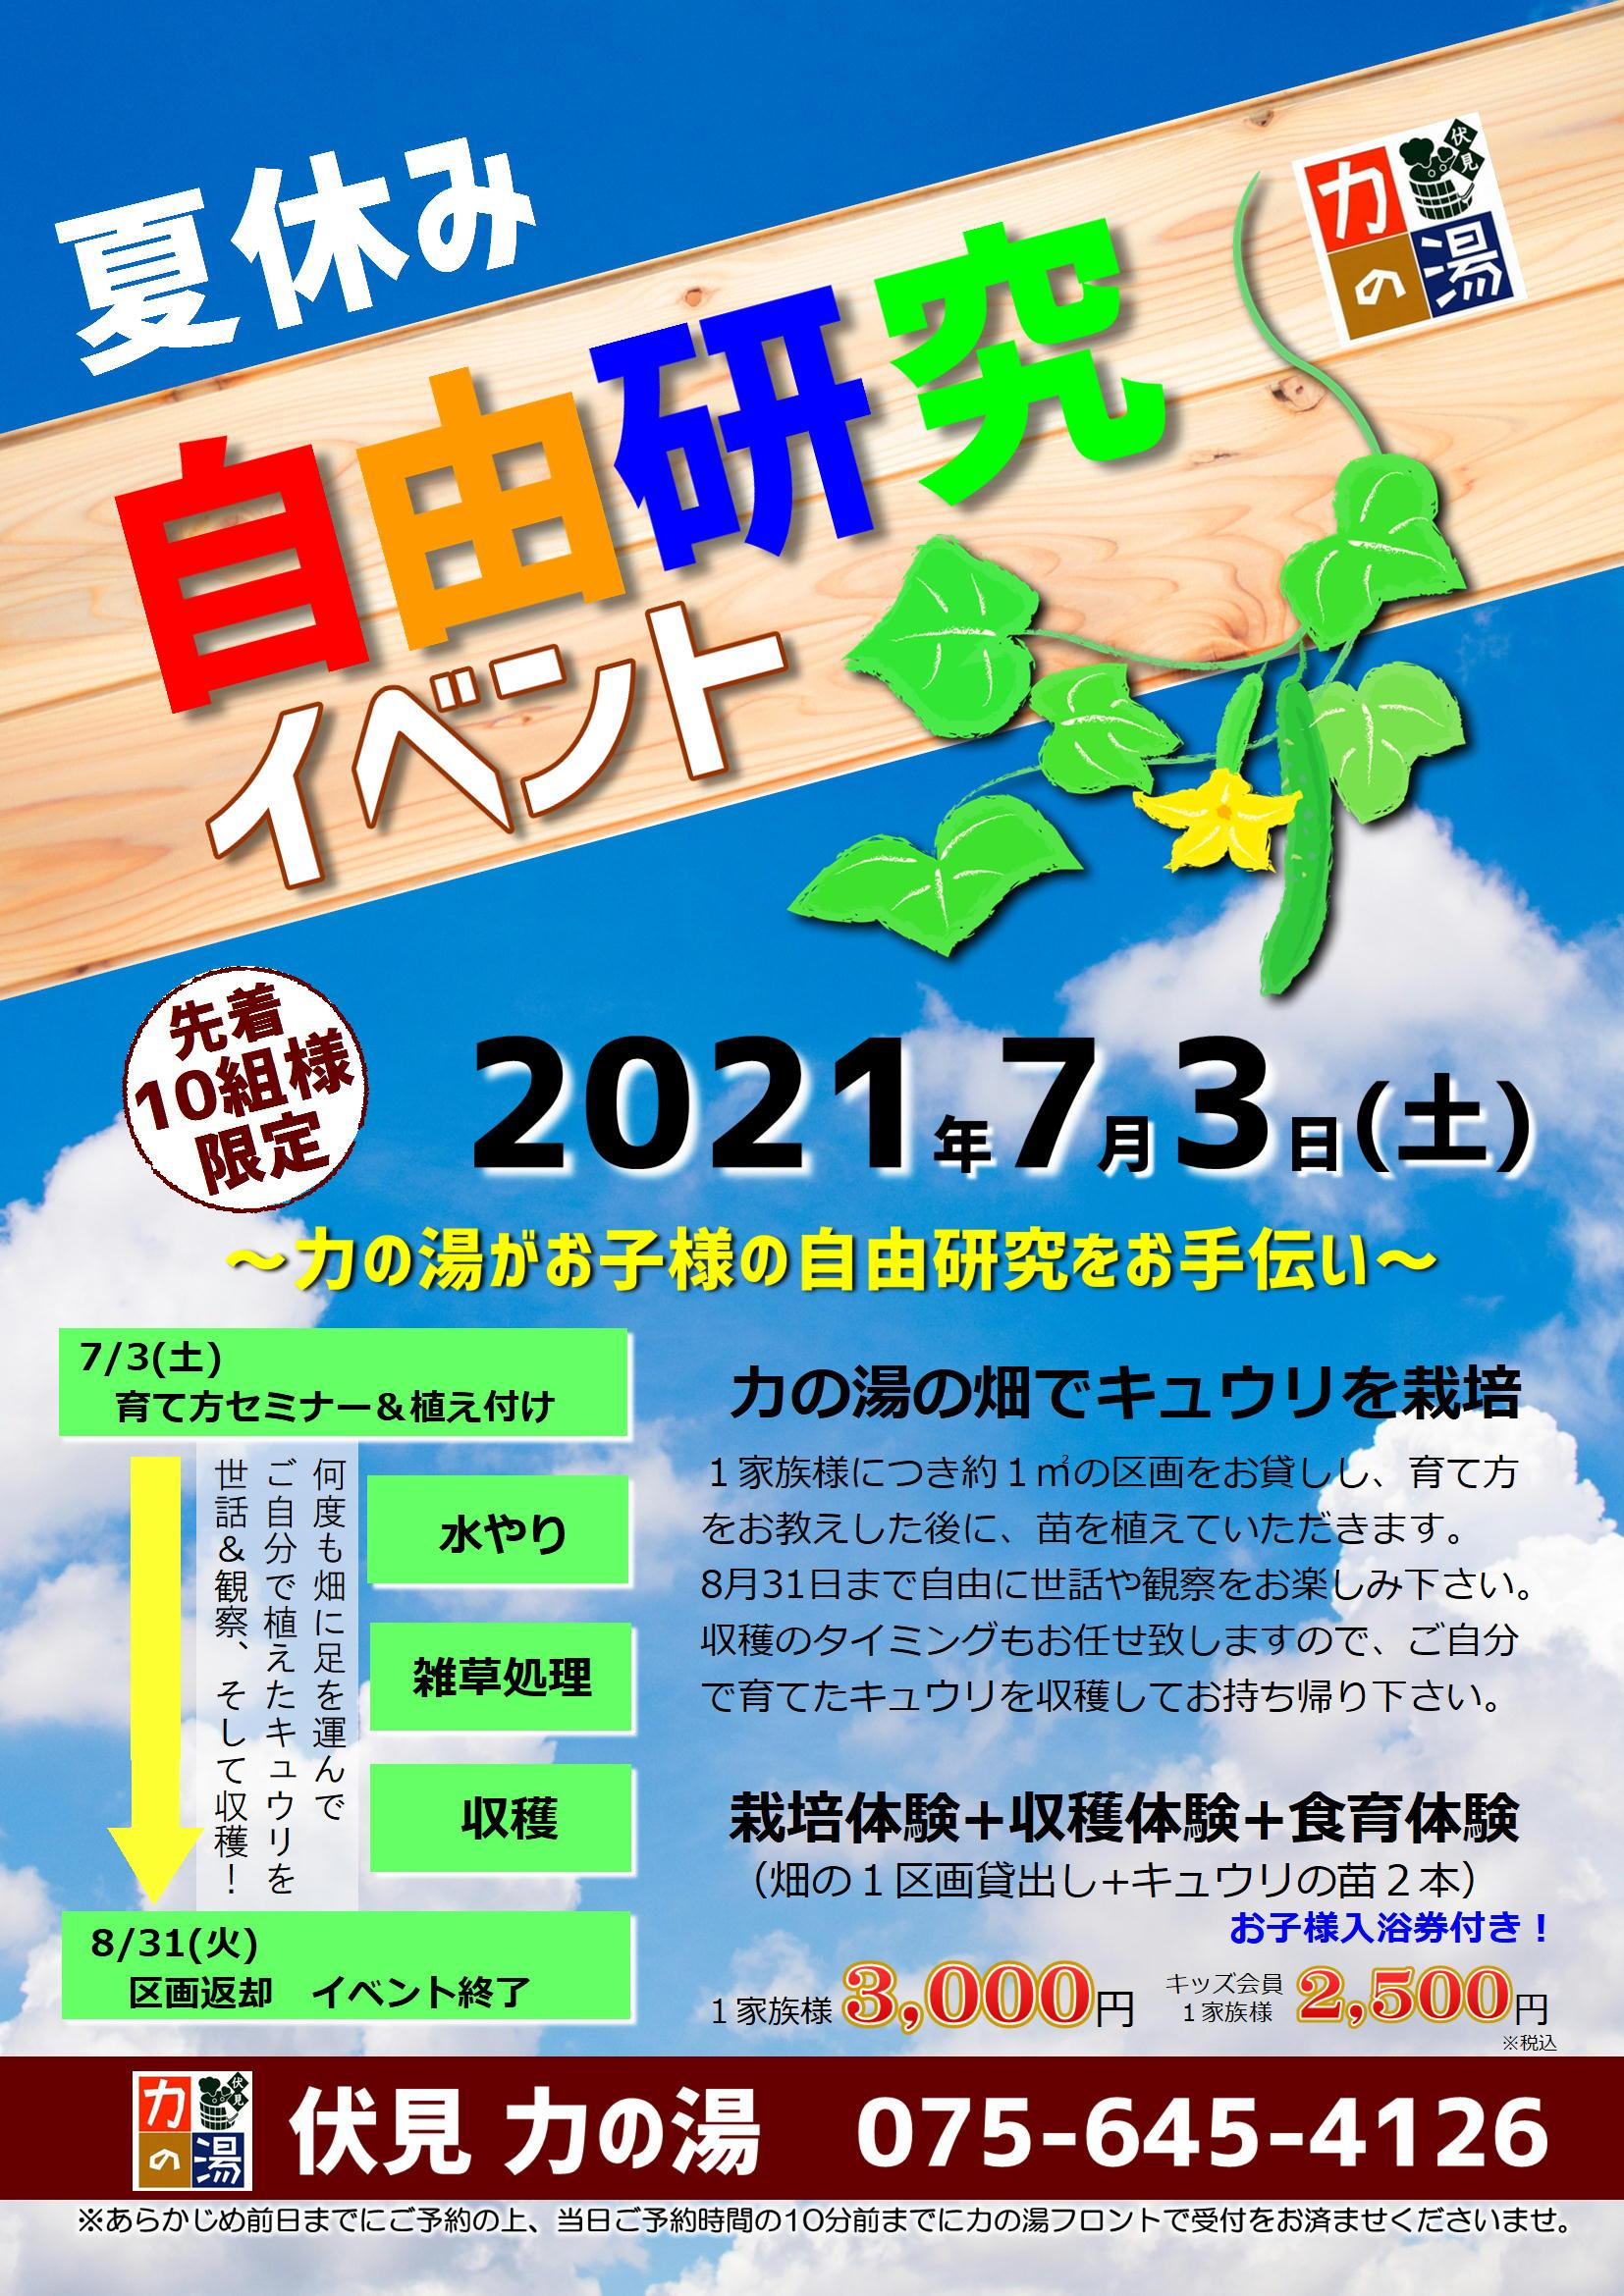 7/3(土)「夏休み自由研究イベント」開催!